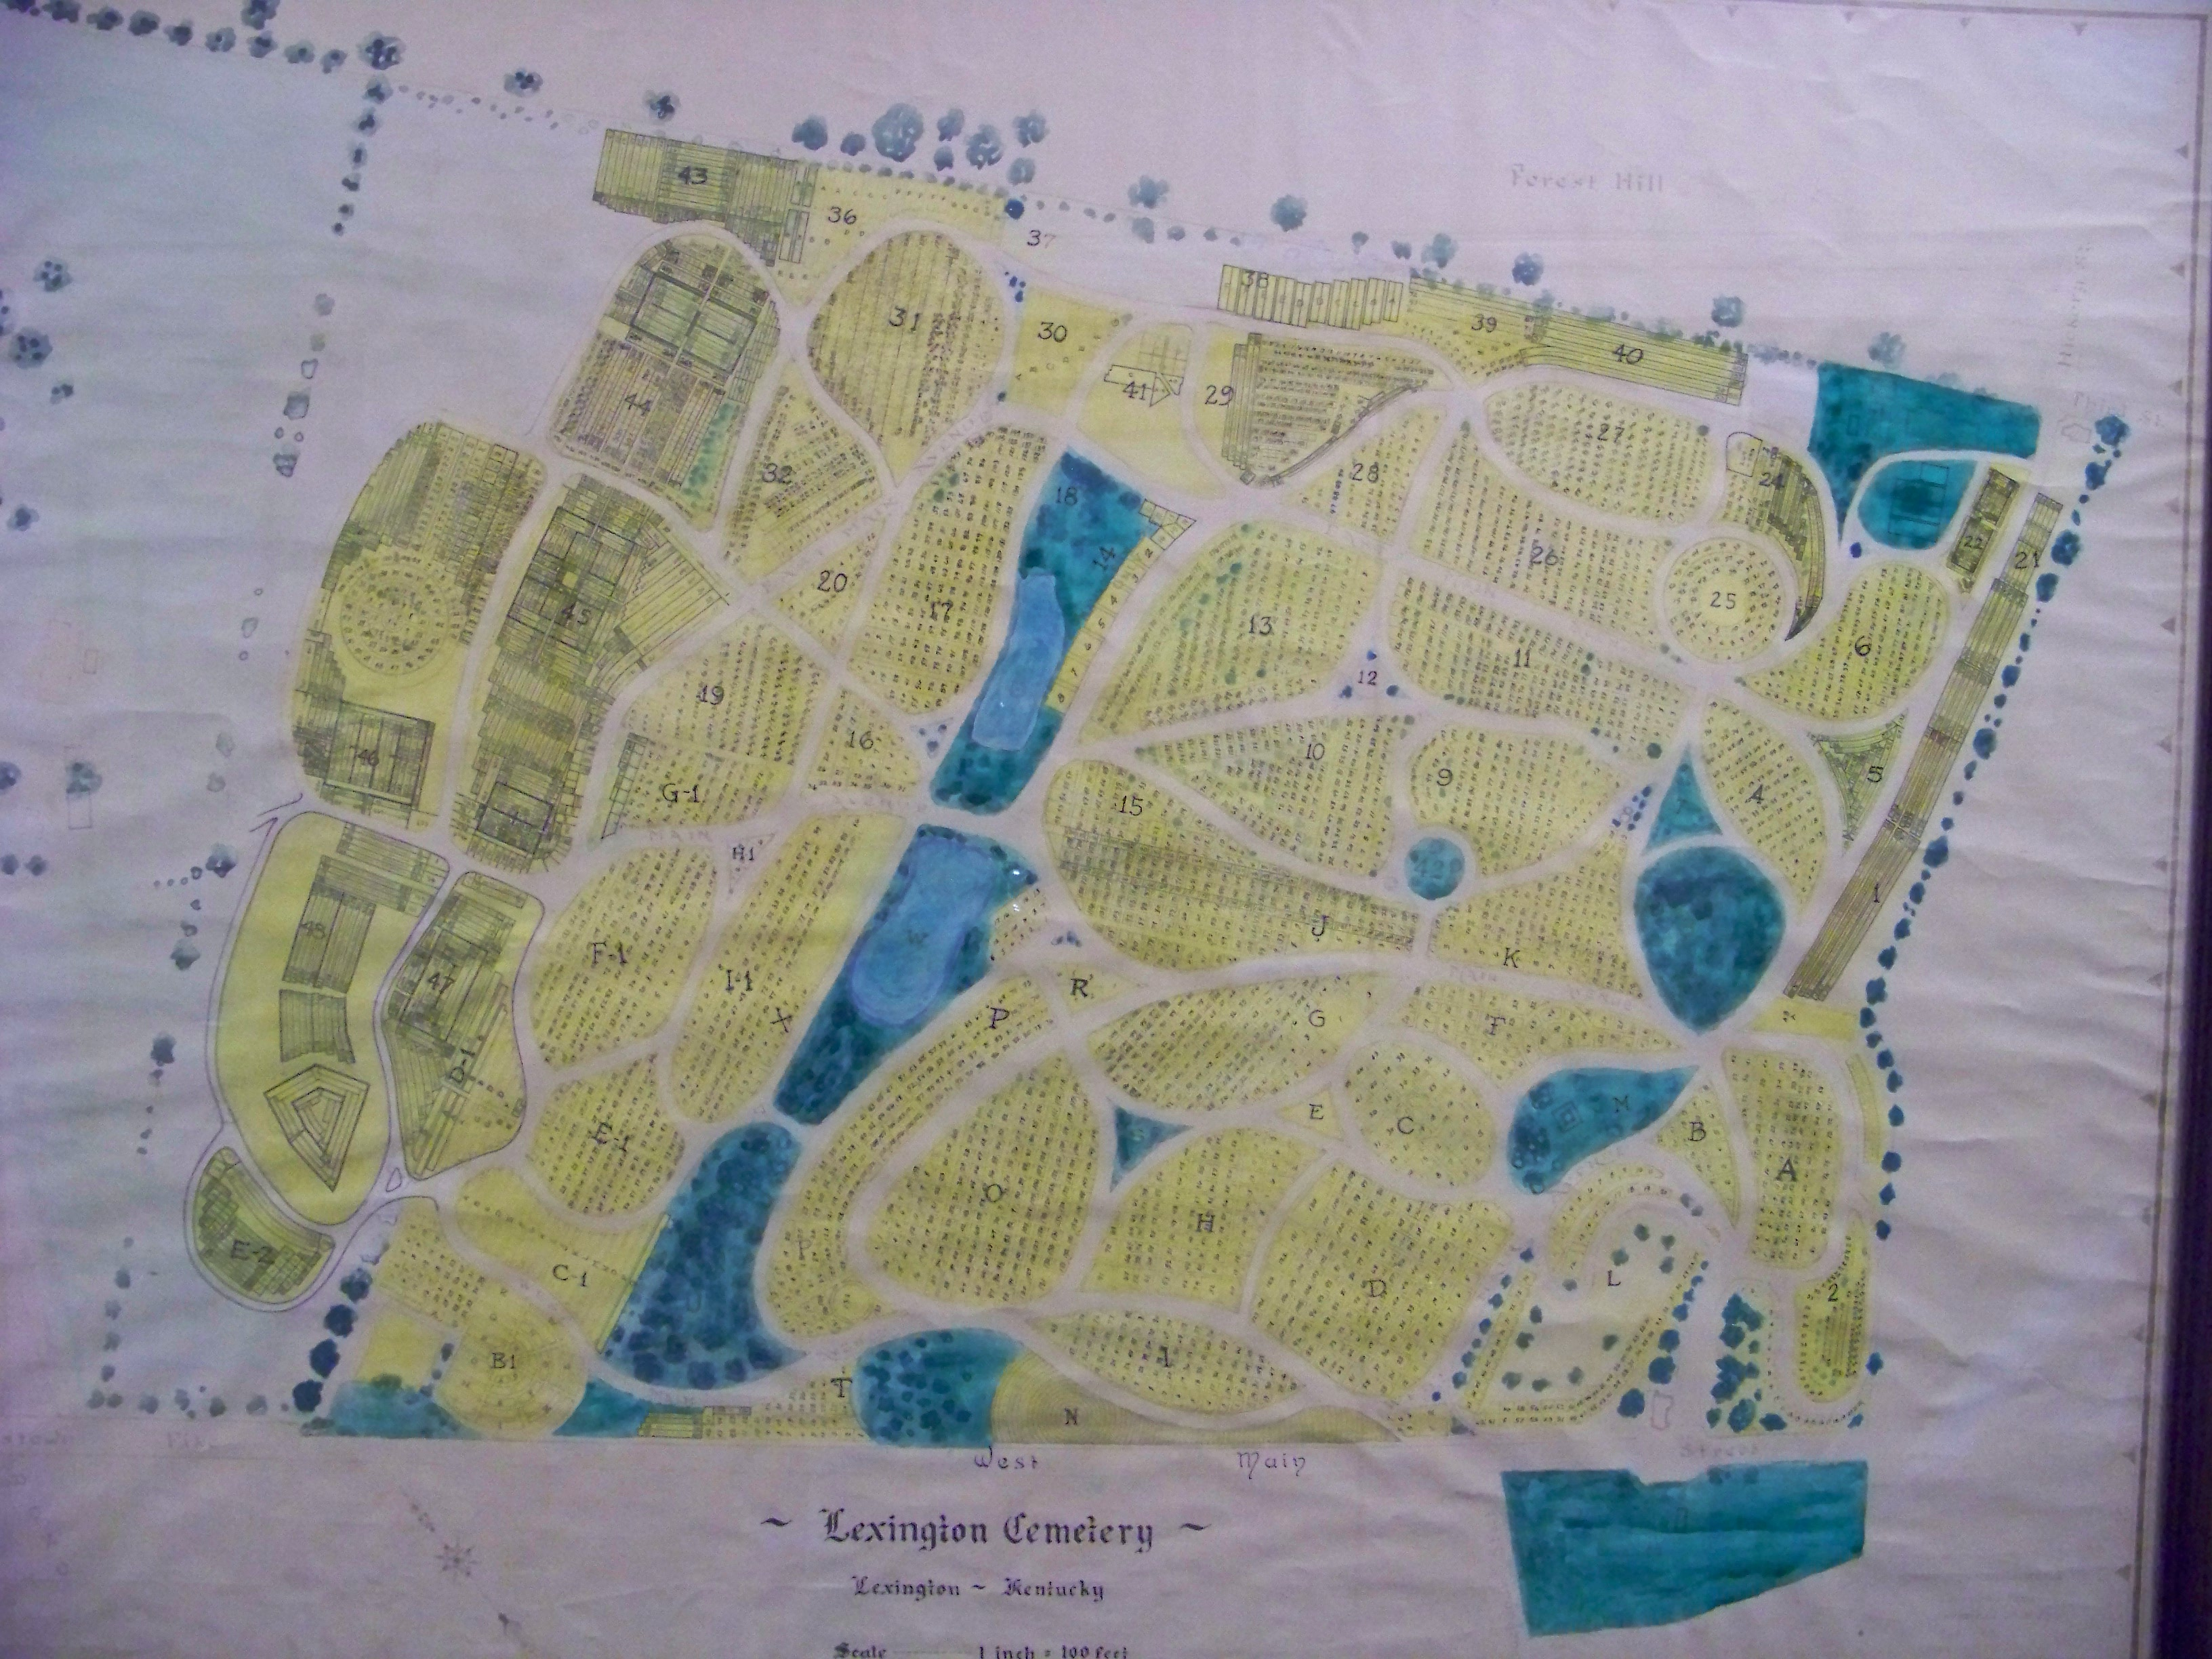 Lexington Cemetery in Lexington, Kentucky - Find A Grave